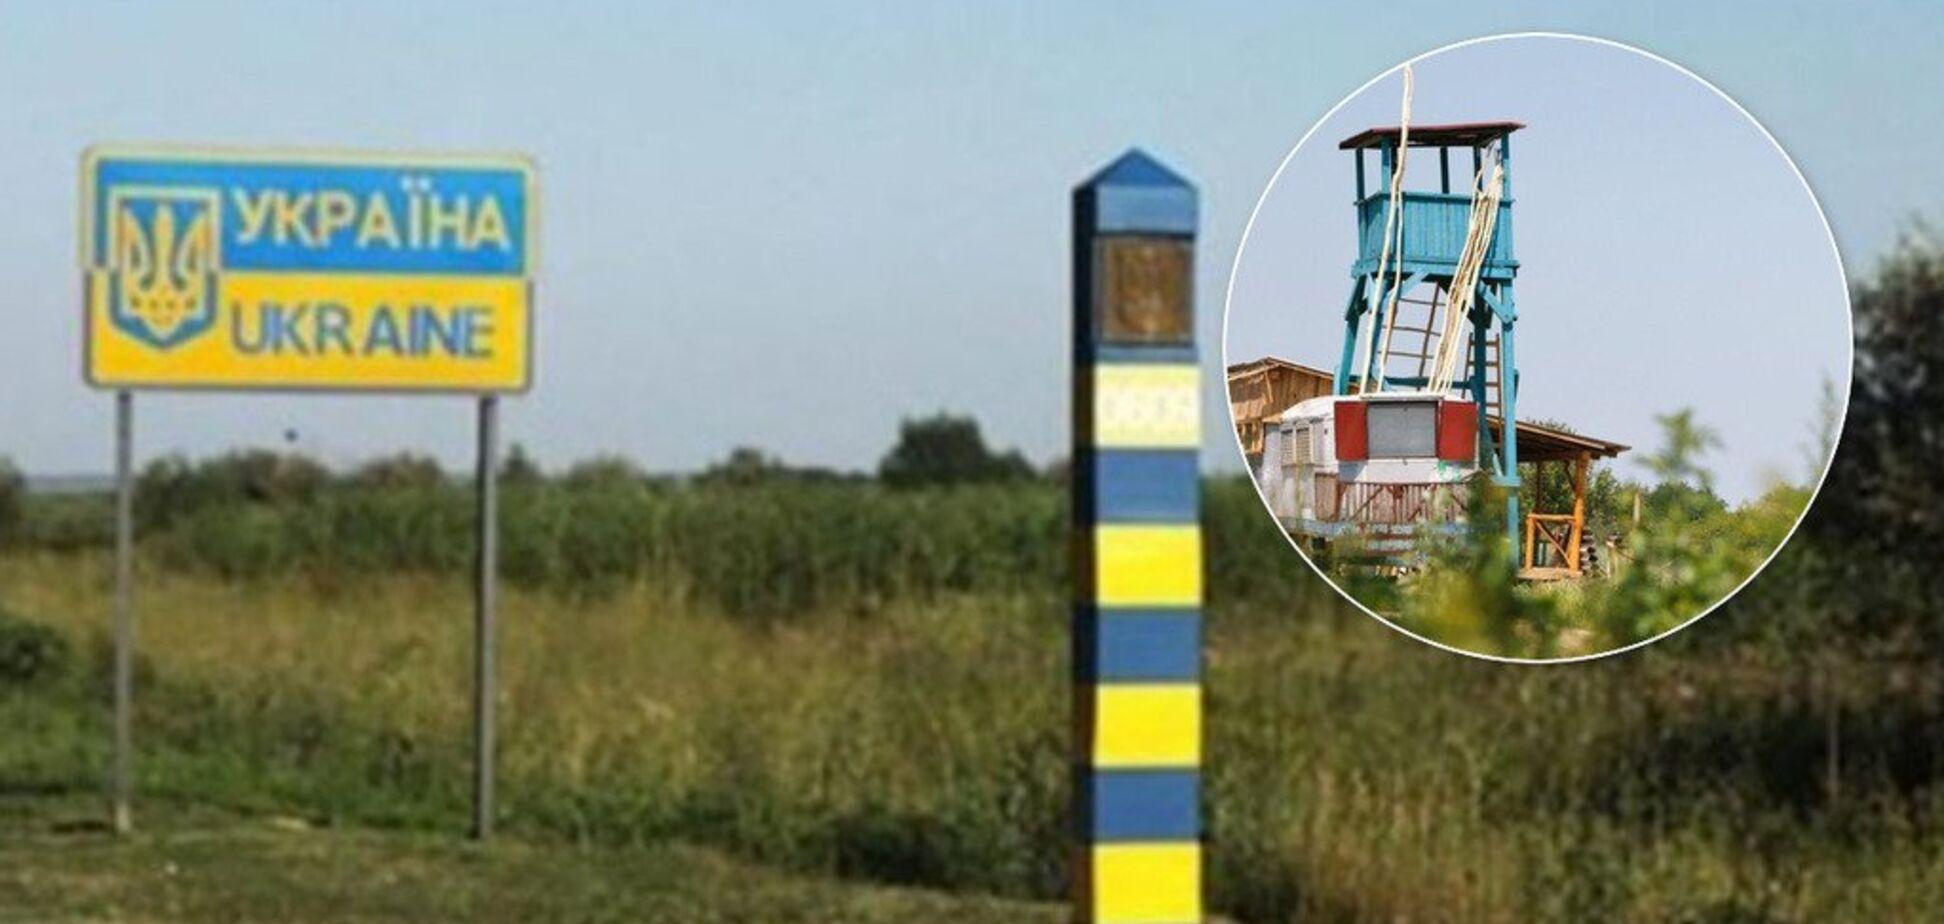 Стоячи 'на хвіртці', можна купити собі будинок: як українці заробляють мільйони на контрабанді